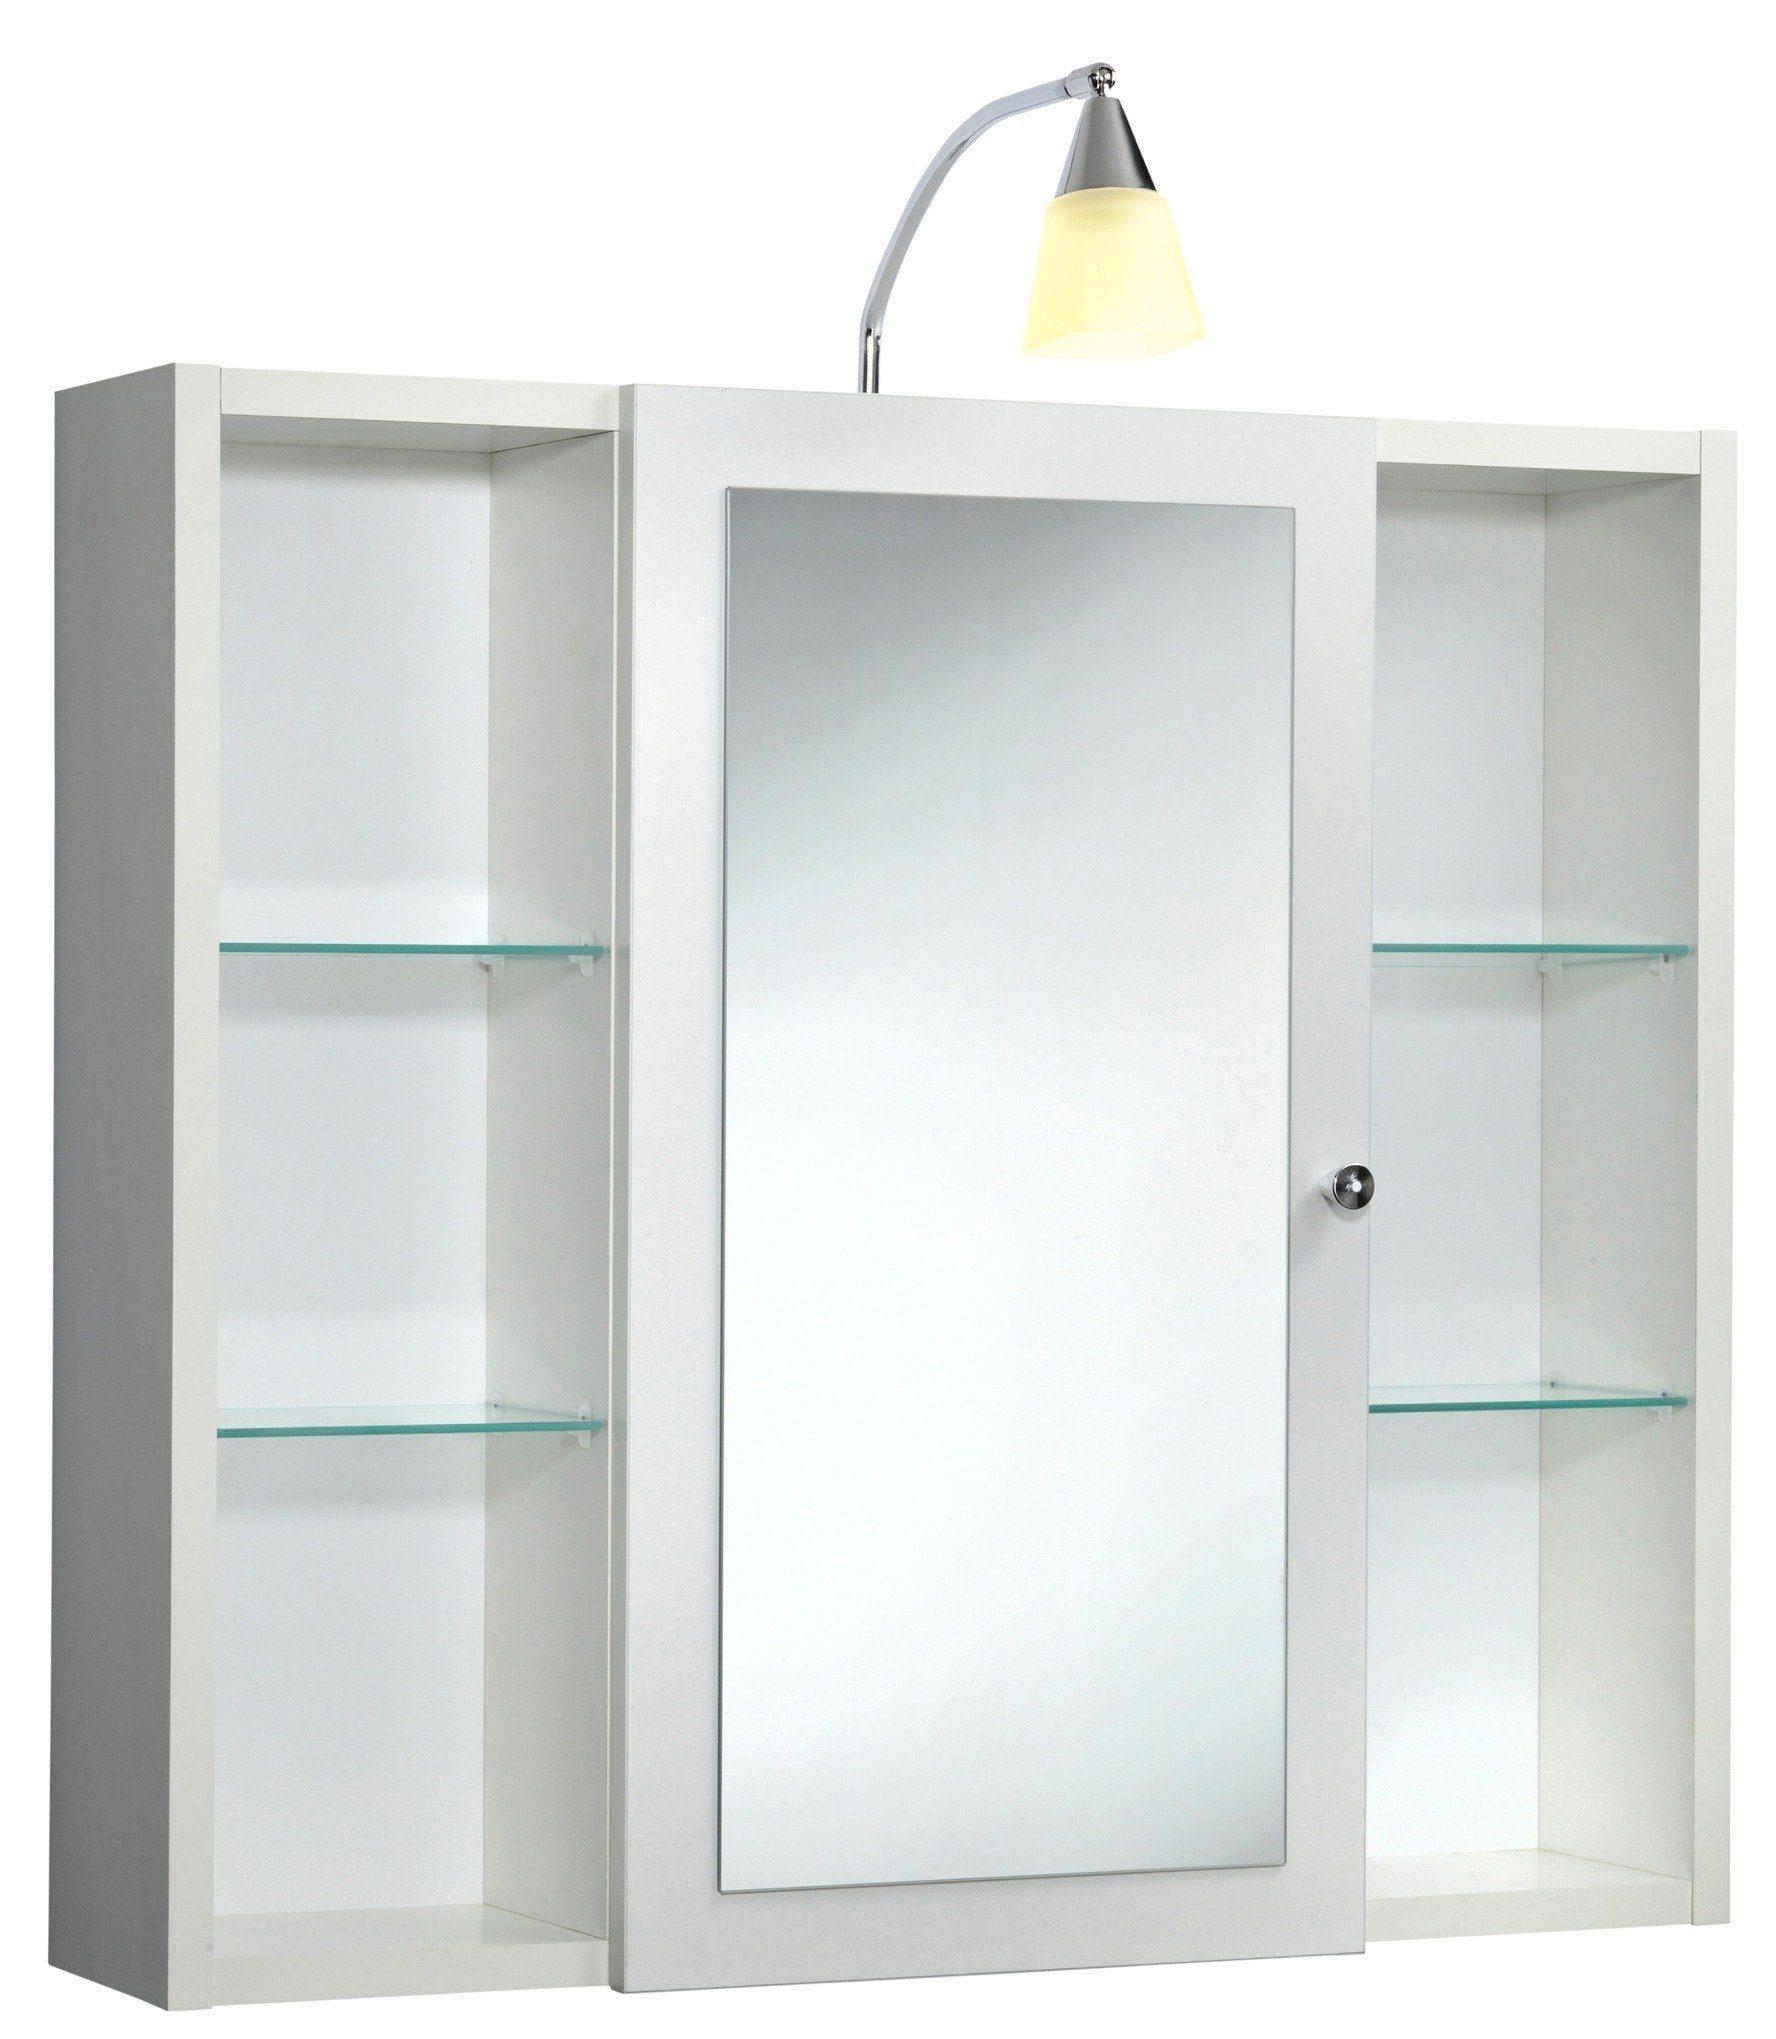 JOKEY Spiegelschrank »Latina«, Breite 72 cm